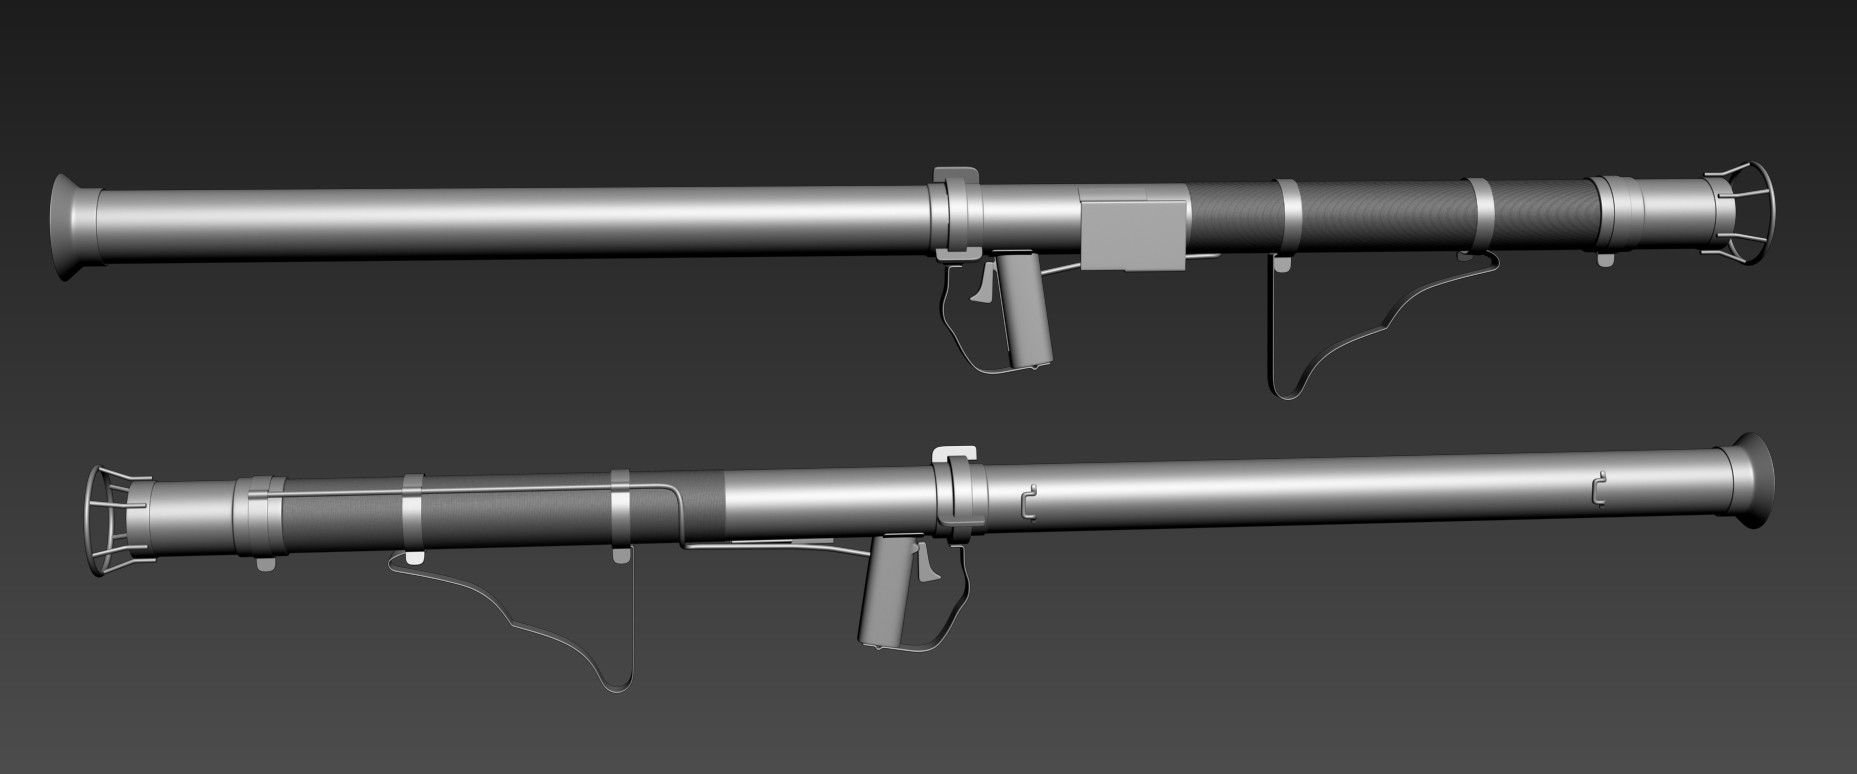 m9bazookahpwip1.jpg